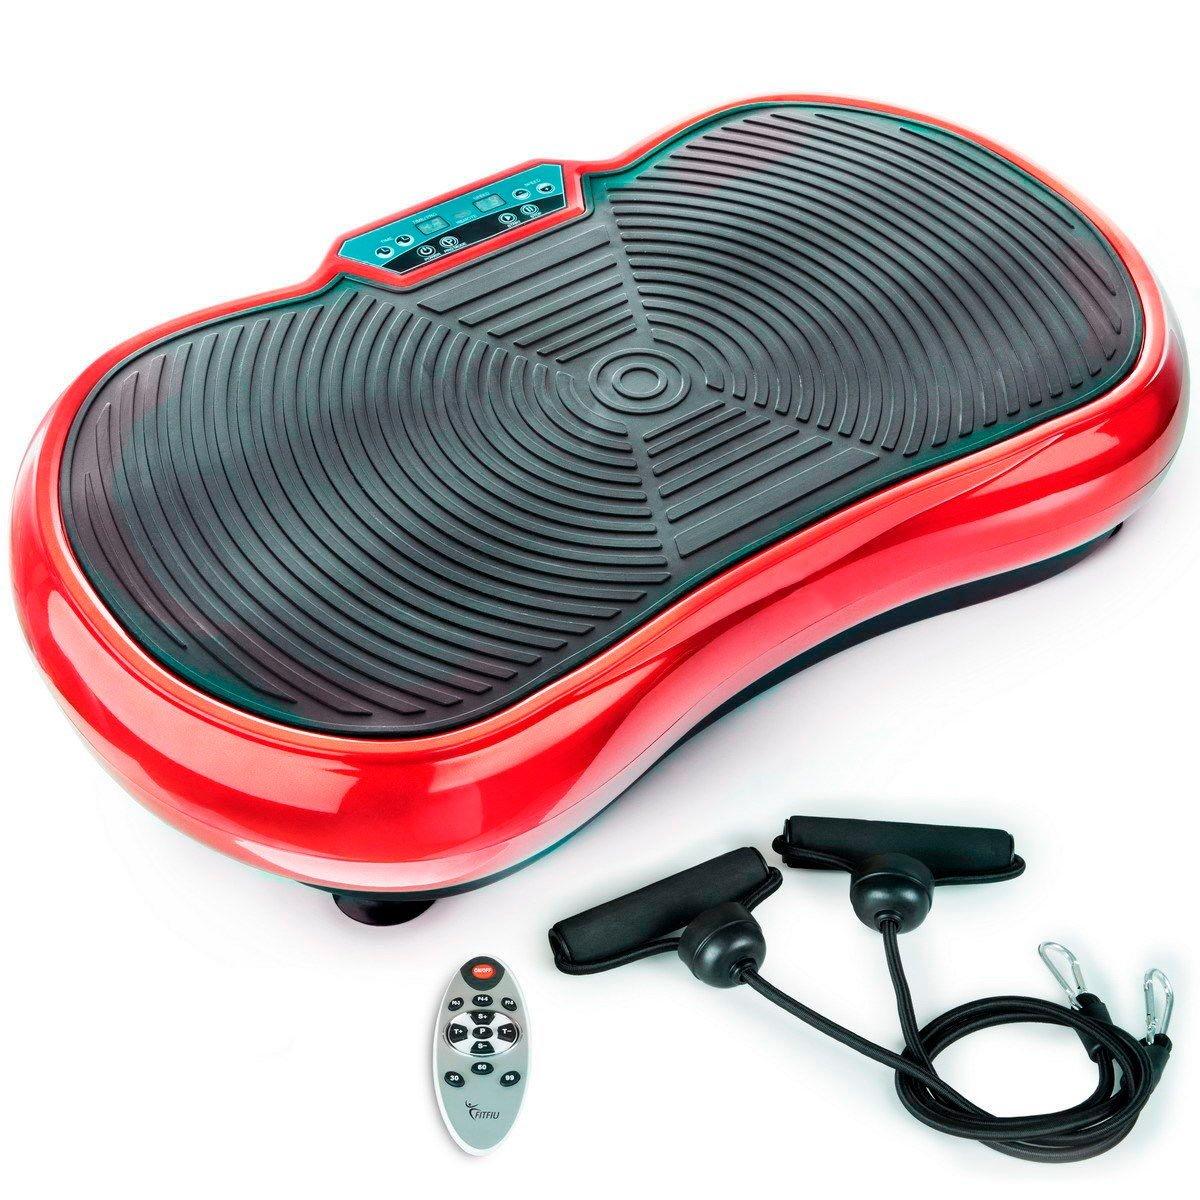 Plataforma Vibratoria con Tensores de Ejercicio y Mando a Distancia